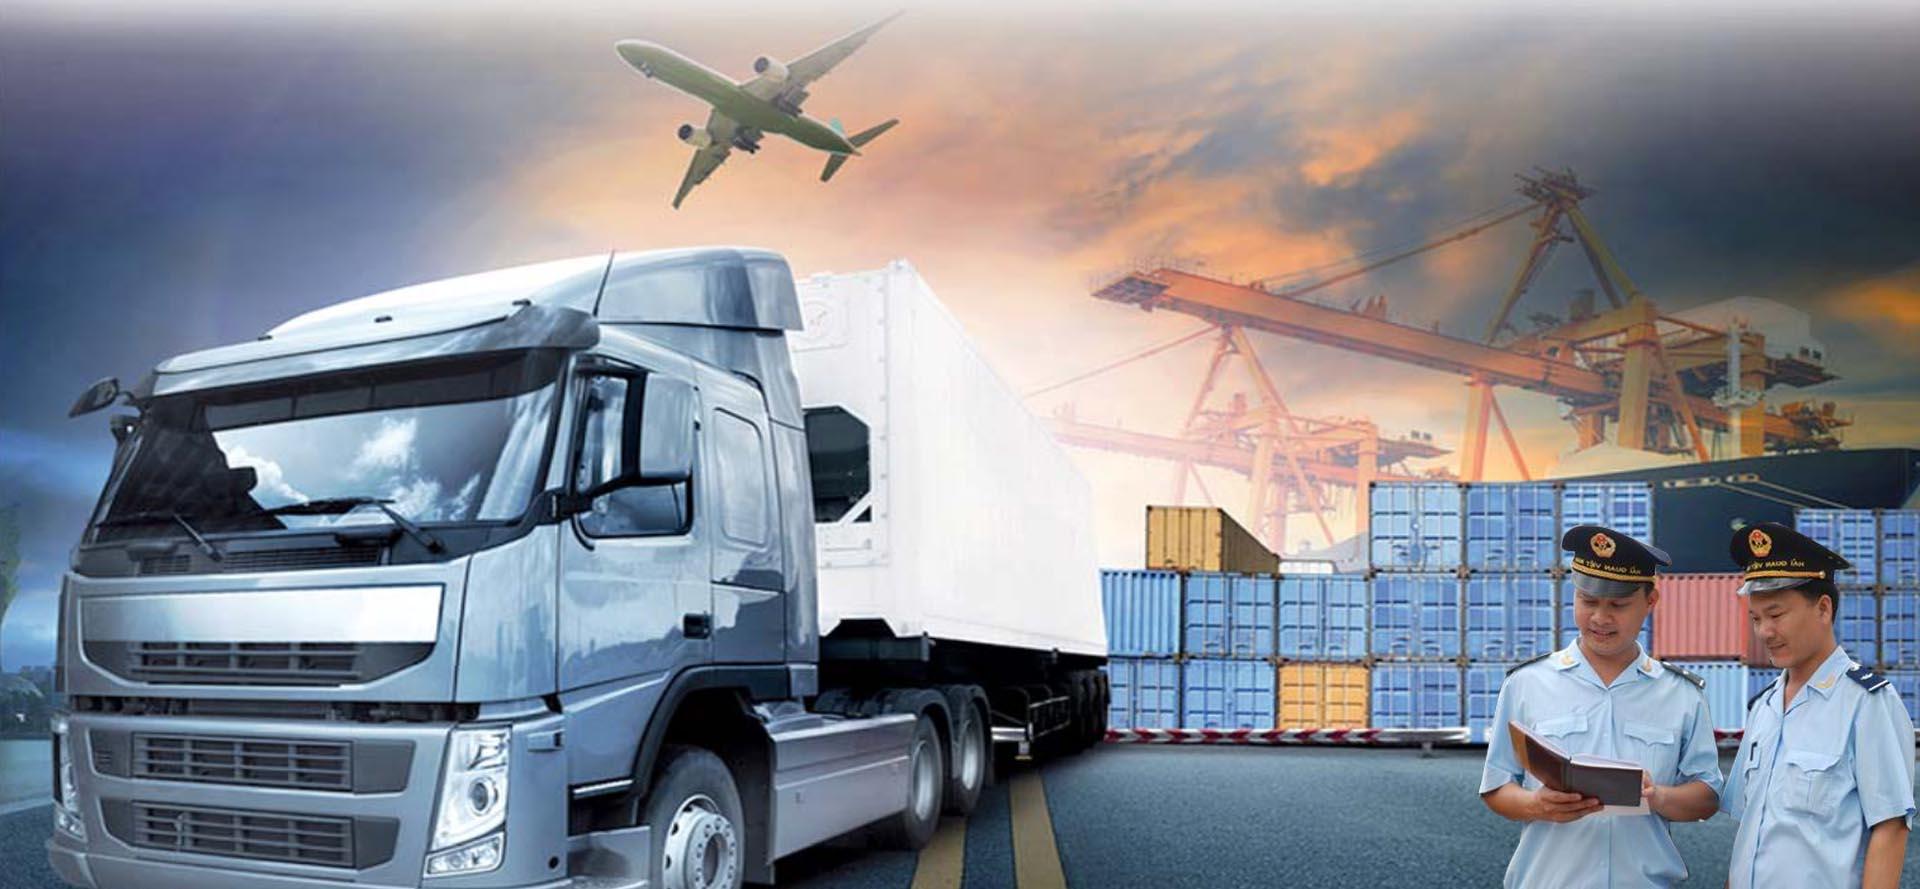 Thủ tục nhập khẩu cần làm khi gửi hàng chuyển phát nhanh quốc tế 1